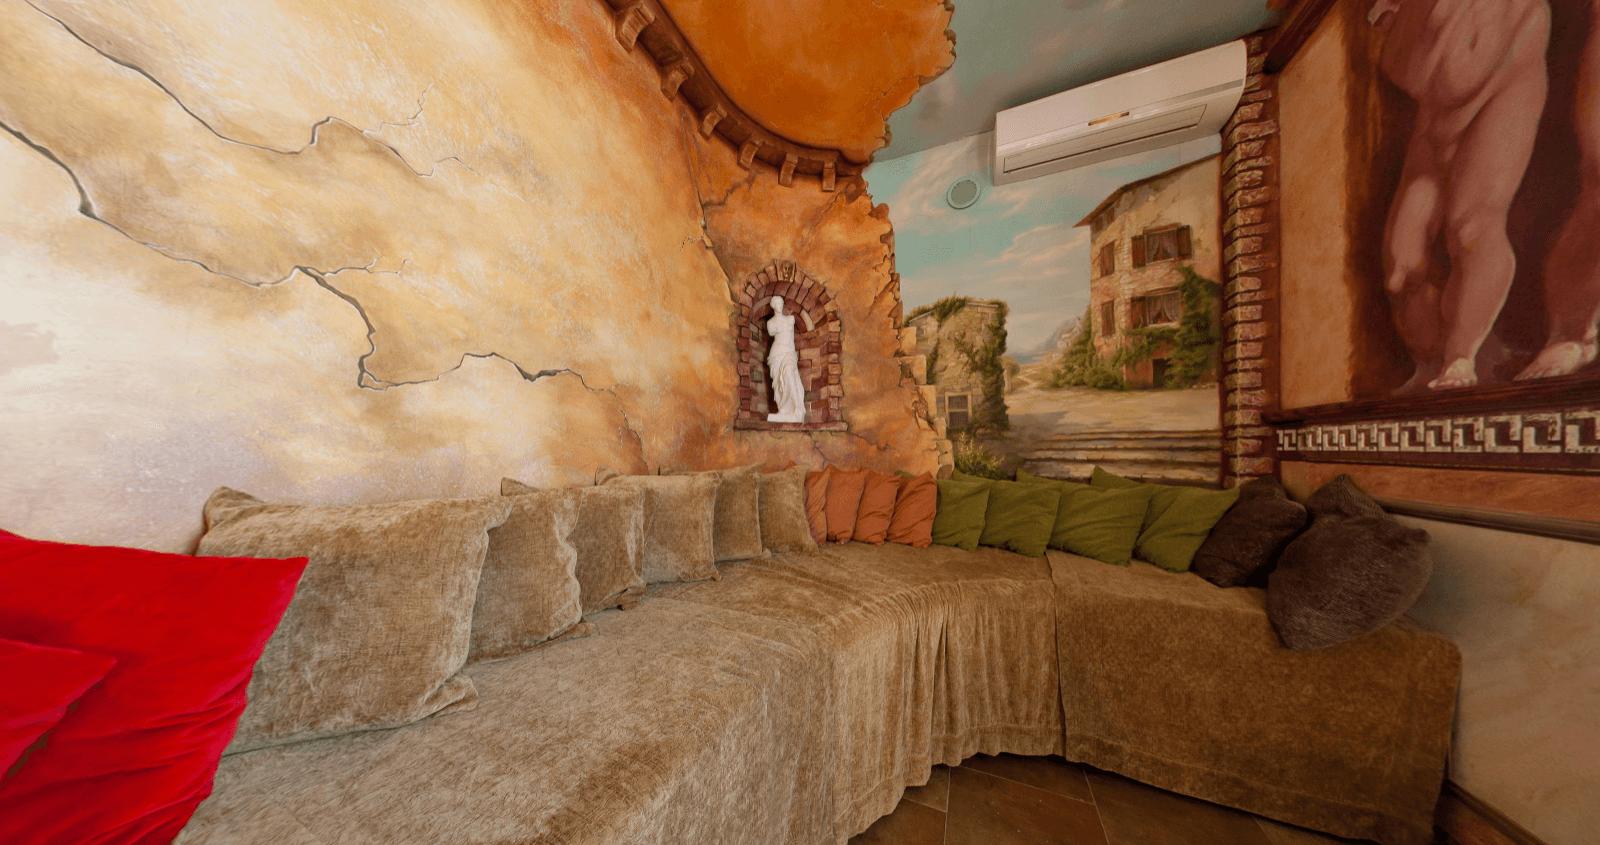 Баня Италия - приятное времяпрепровождение